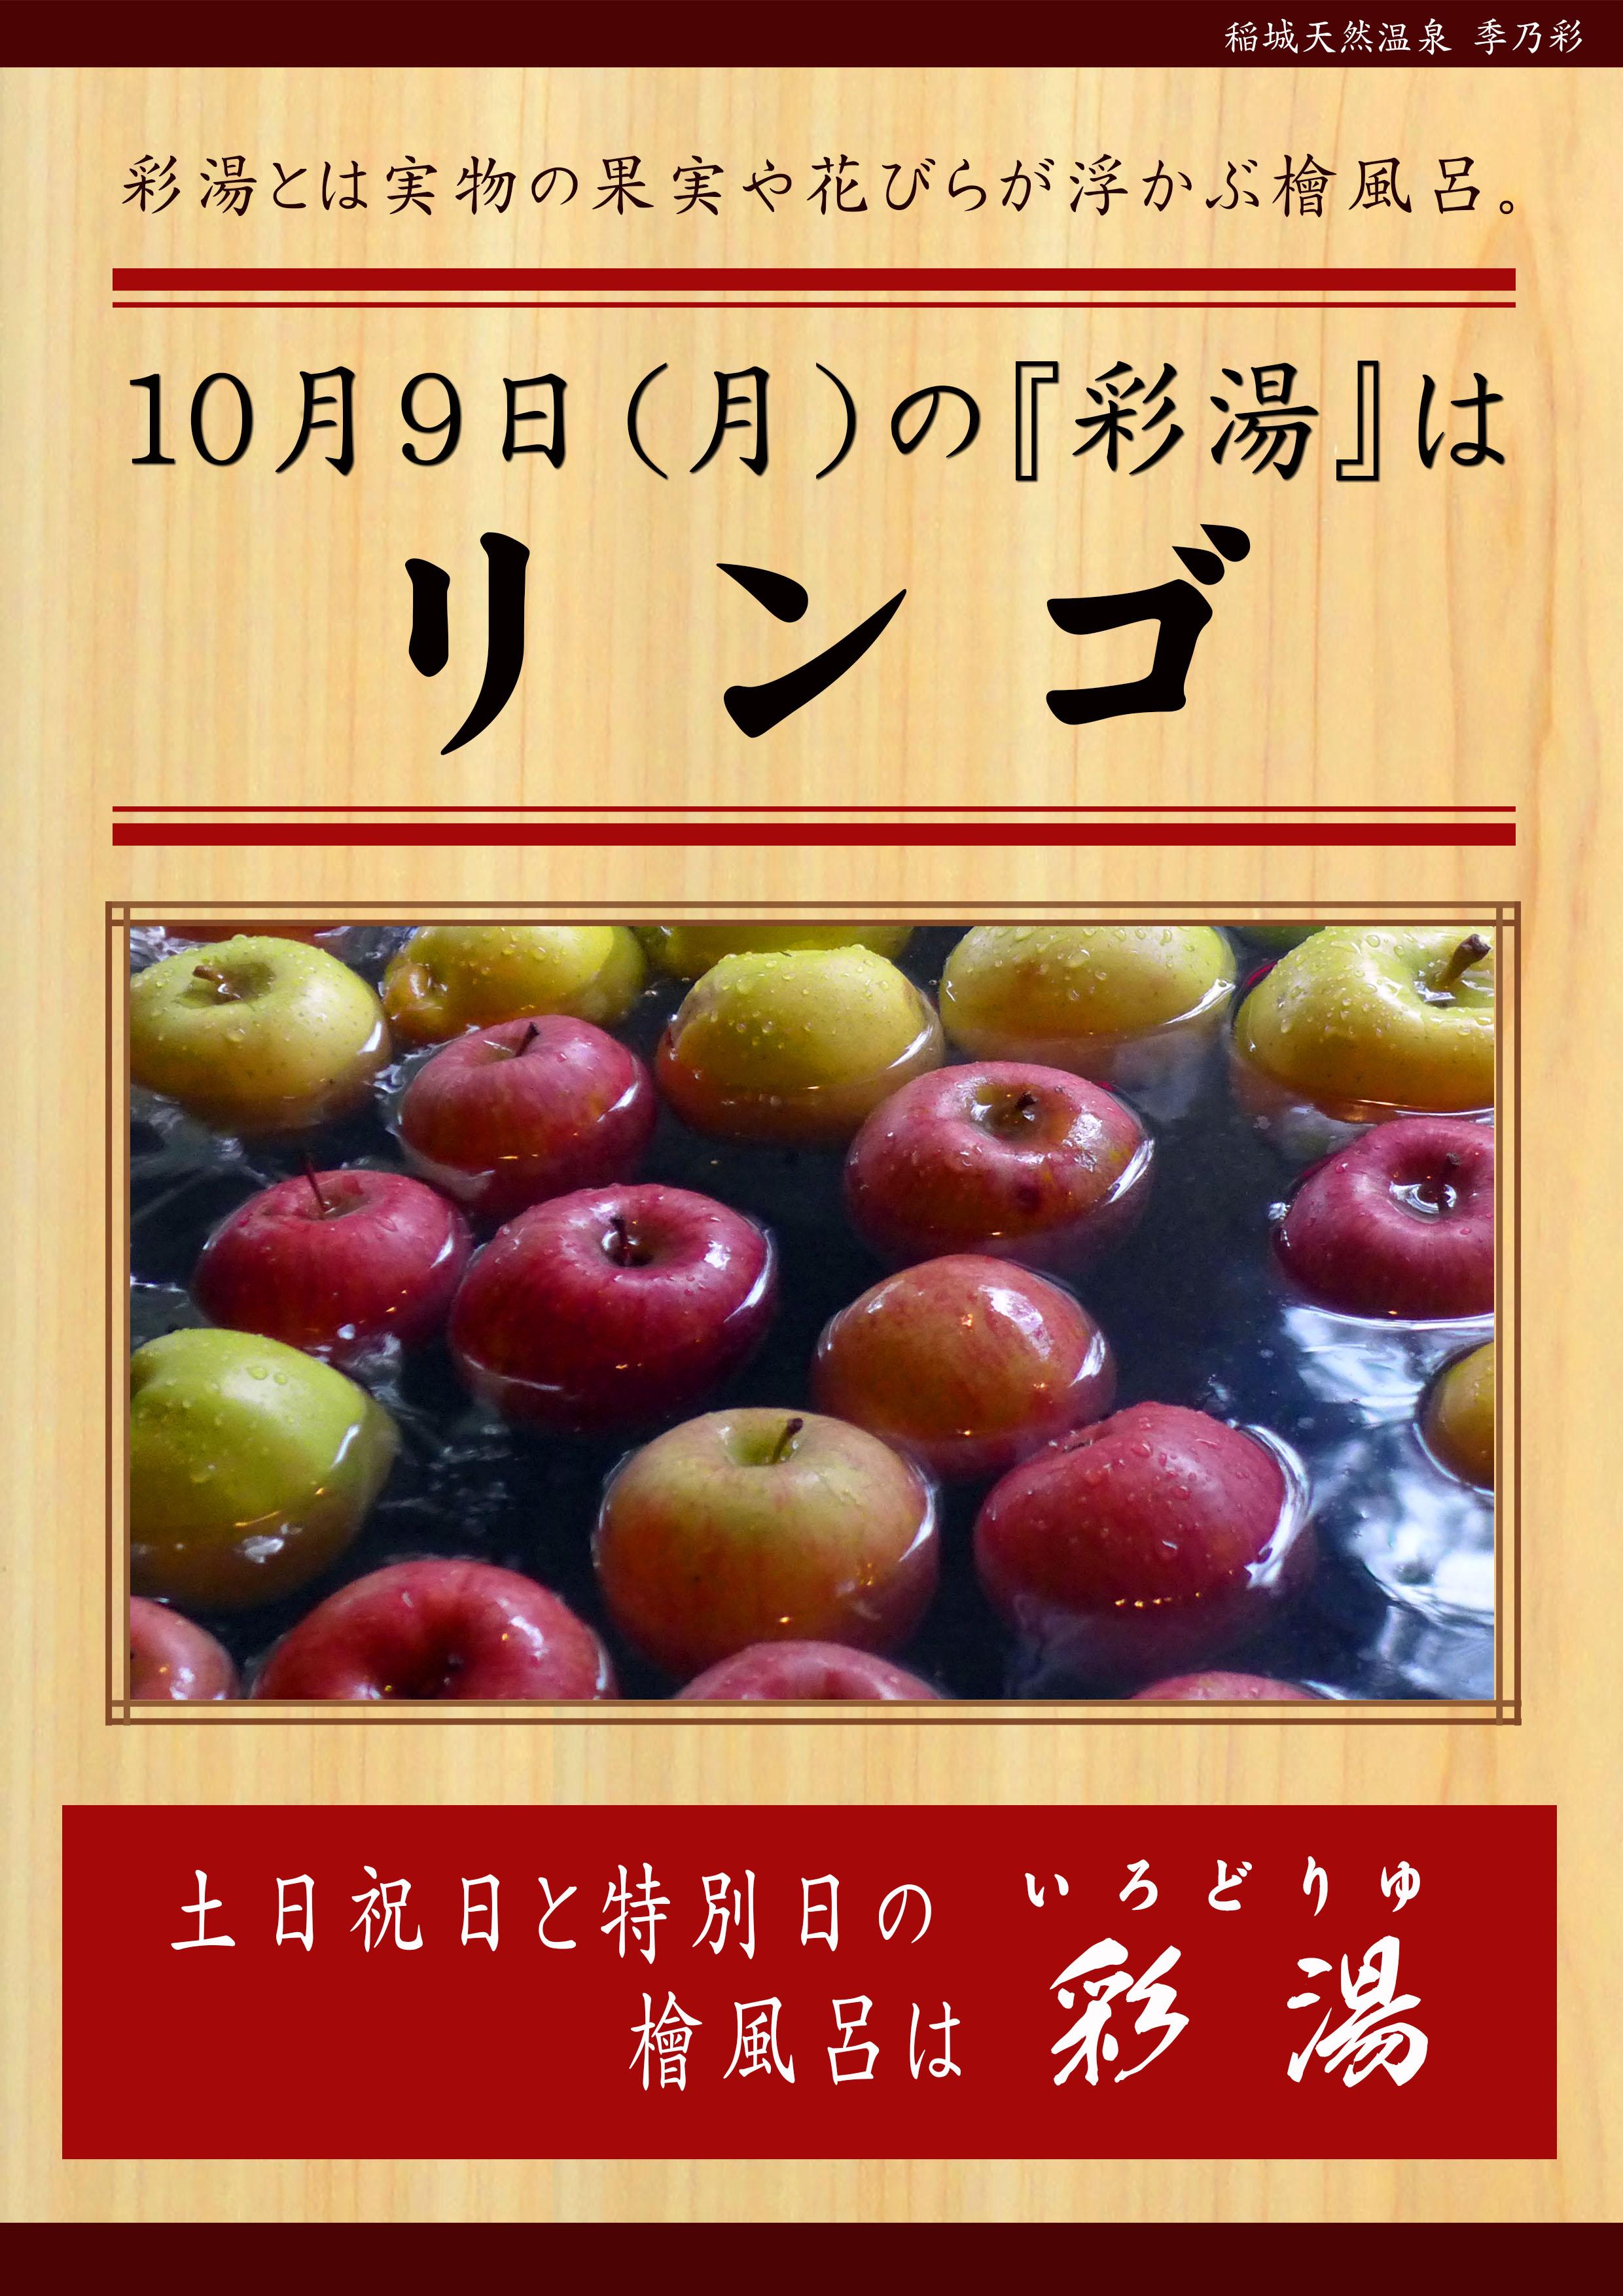 20171009POP イベント 彩湯 リンゴ